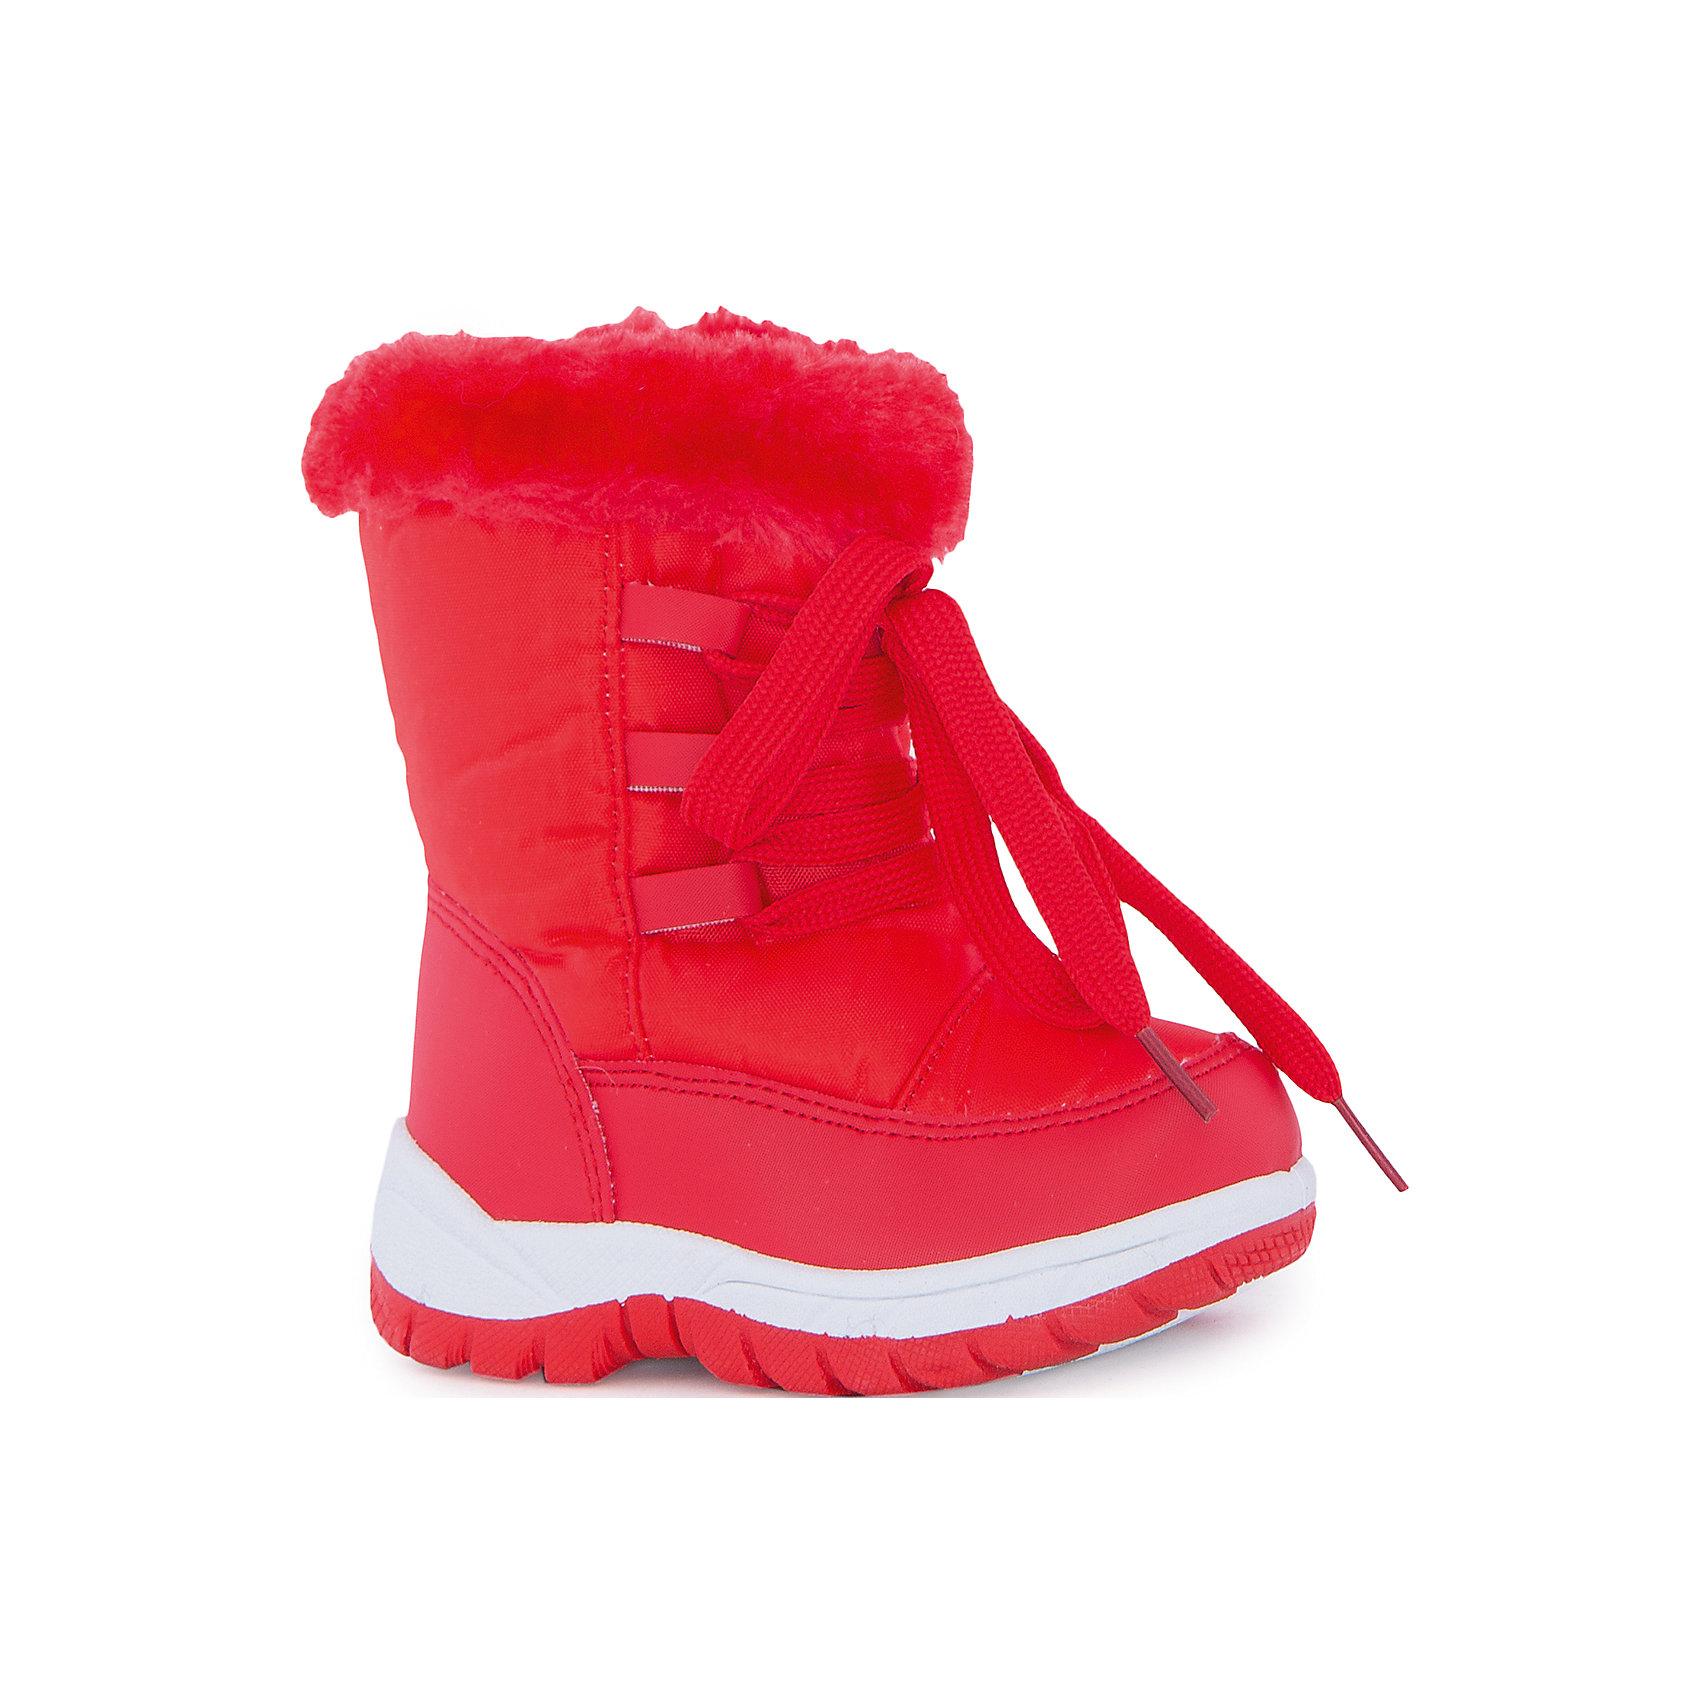 Сапоги для девочки MURSUСапоги для девочки MURSU(Мурсу).<br><br>Характеристики:<br><br>• цвет: красный<br>• температурный режим до -20С<br>• внутренний материал: мех, шерсть<br>• внешний материал: искусственная кожа, текстиль<br>• стелька: мех, шерсть<br>• подошва: ПВХ<br>• застежка-молния сбоку<br>• сезон: зима<br><br>Яркие сапоги от популярного бренда MURSU выполнены из прочных и качественных материалов, отличающихся долговечностью. Плотная ребристая подошва добавит устойчивости, а прочные двойные швы предотвратят быстрое изнашивание. Сапоги застегиваются на молнию сбоку и регулируются по толщине ноги с помощью шнуровки. Мягкая стелька подарит девочке тепло и комфорт. Эти сапожки отлично подойдут для прогулок!<br><br>Сапоги для девочки MURSU(Мурсу) можно купить в нашем интернет-магазине.<br><br>Ширина мм: 257<br>Глубина мм: 180<br>Высота мм: 130<br>Вес г: 420<br>Цвет: красный<br>Возраст от месяцев: 15<br>Возраст до месяцев: 18<br>Пол: Женский<br>Возраст: Детский<br>Размер: 22,27,26,25,24,23<br>SKU: 5055470